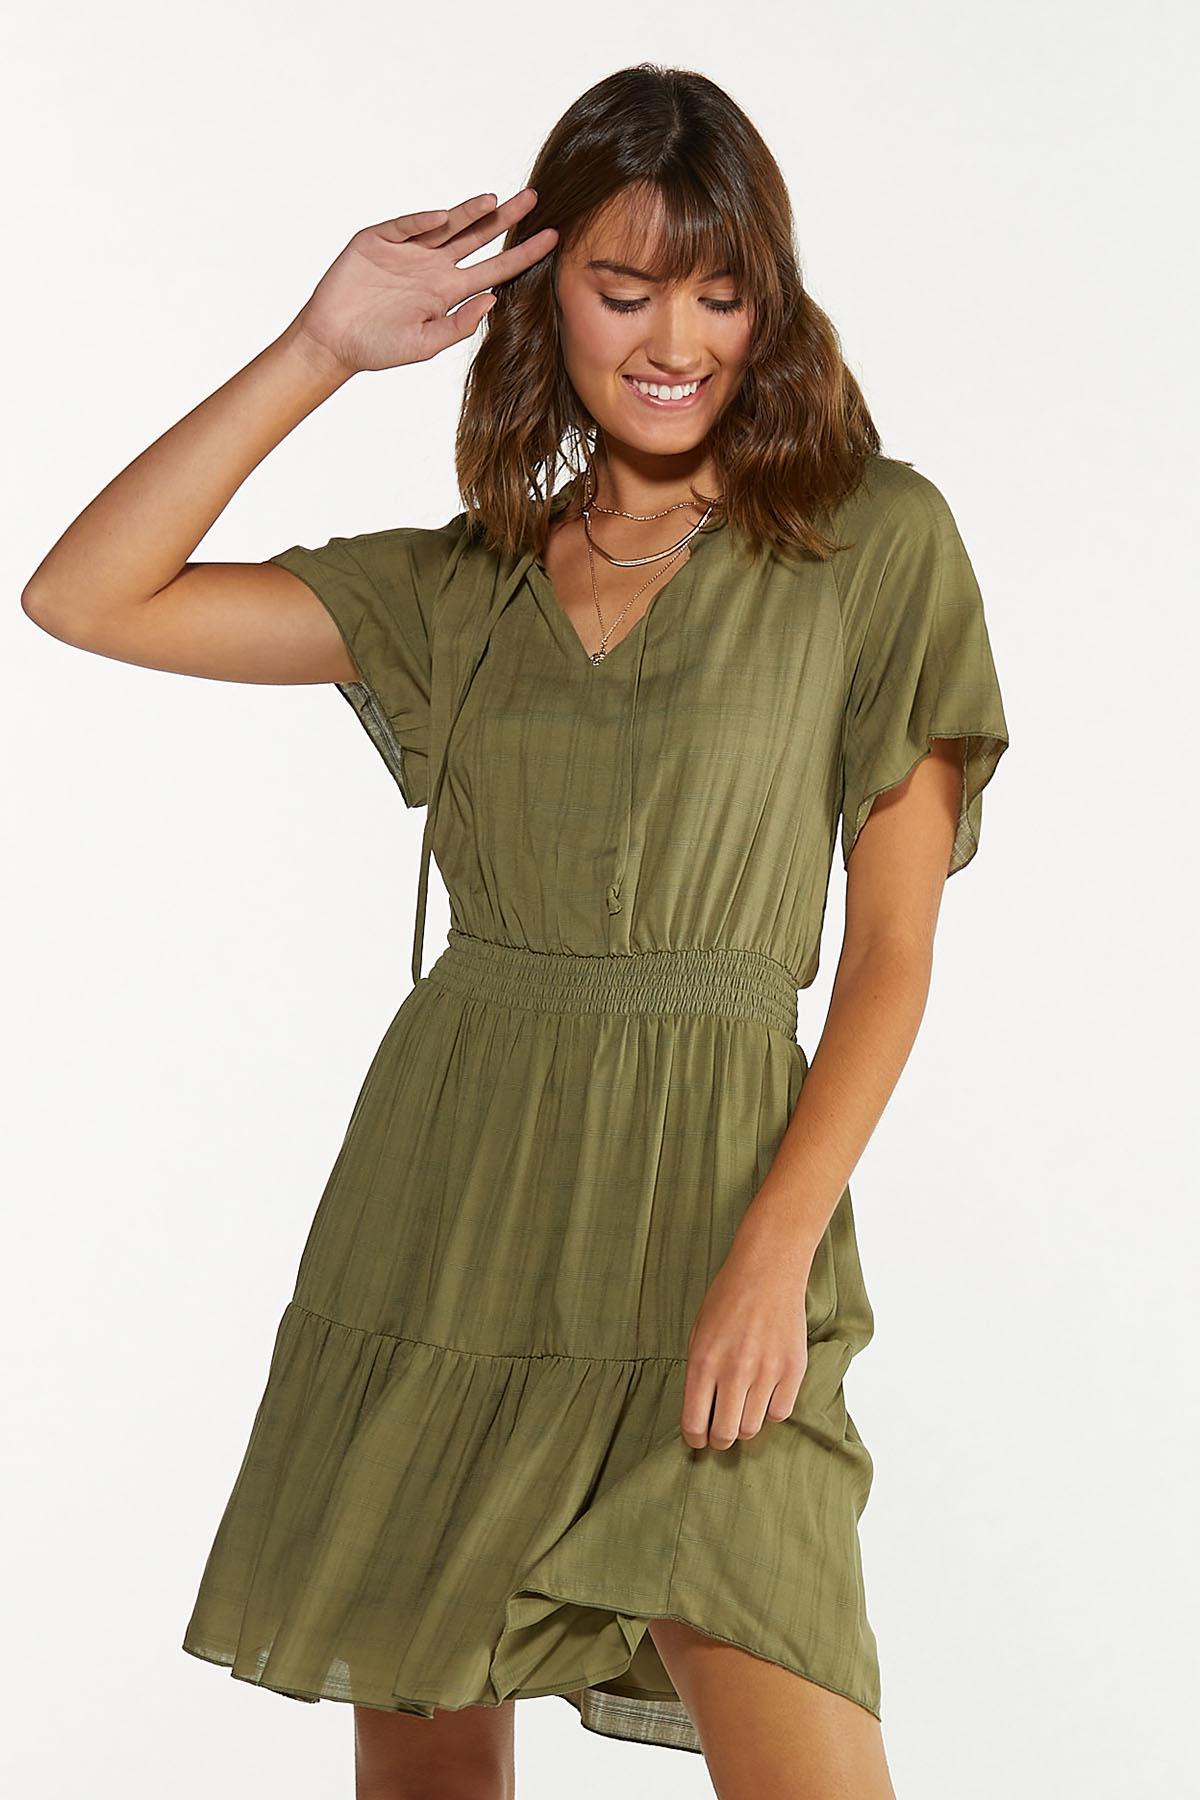 Olive Smocked Dress